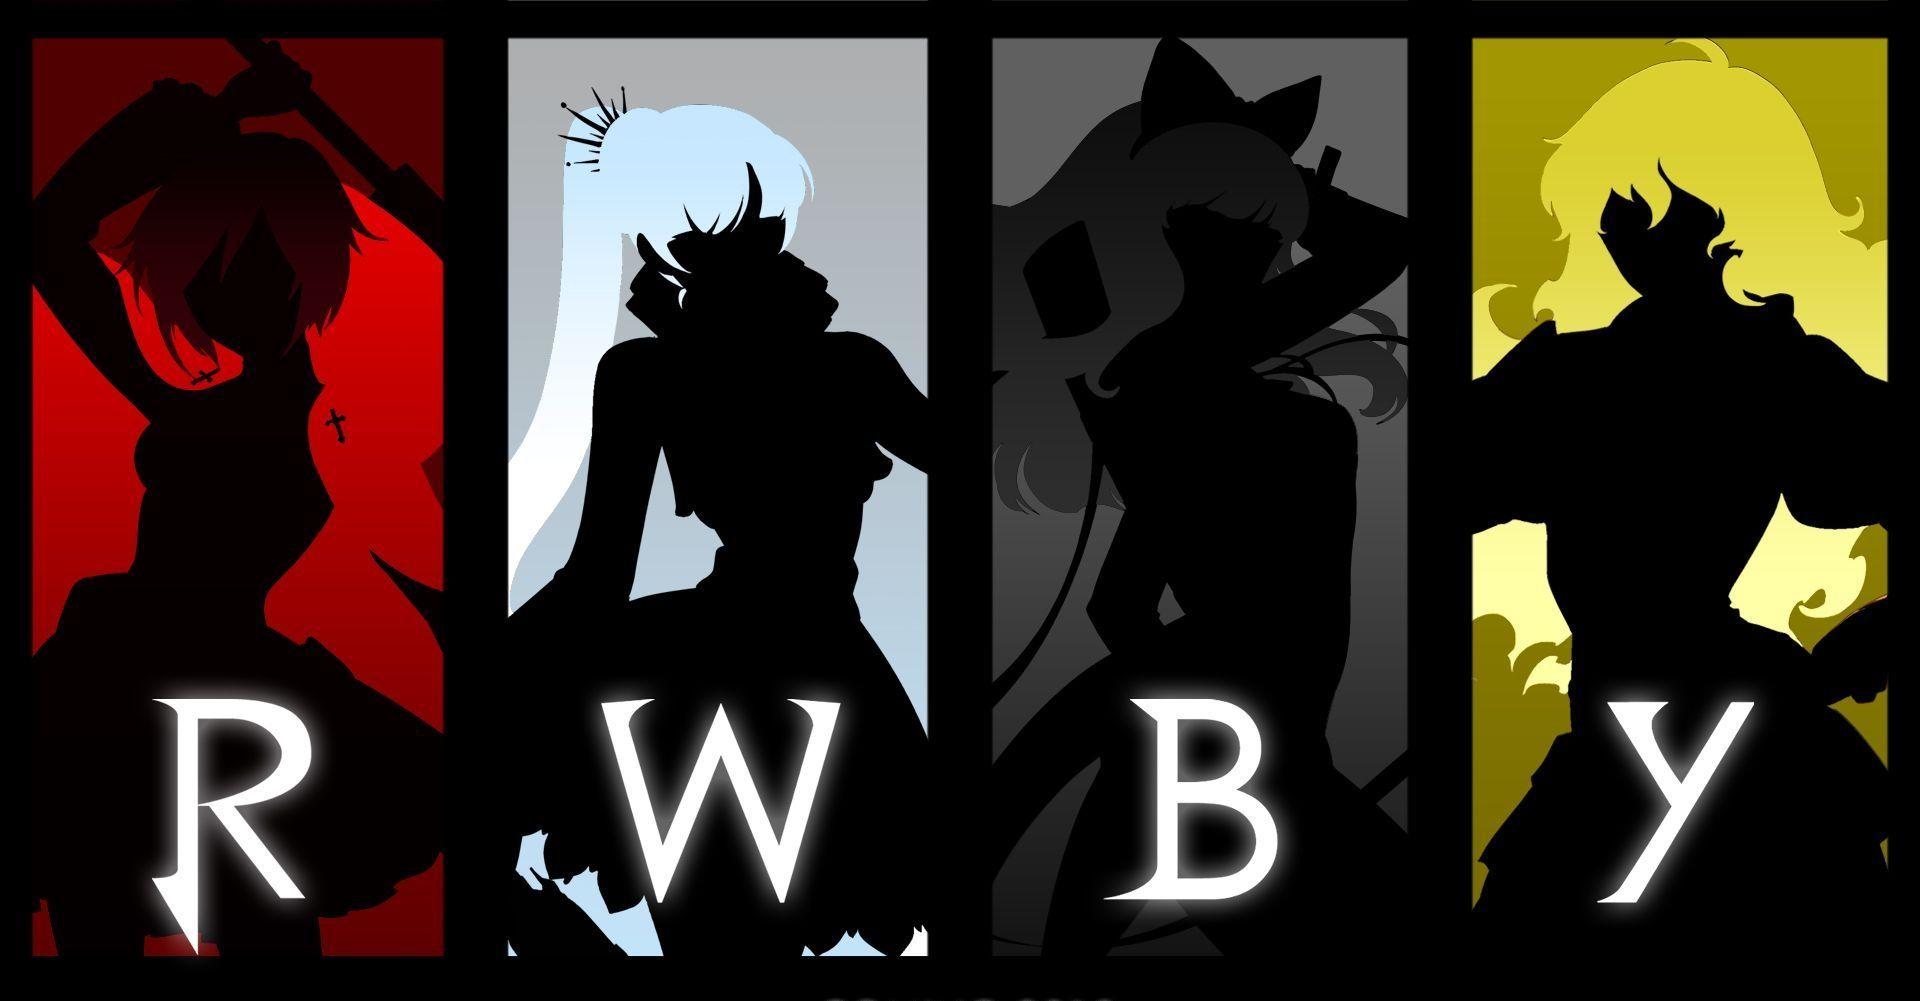 12764 - ¿Reconoces a estos personajes de RWBY? [Fácil]